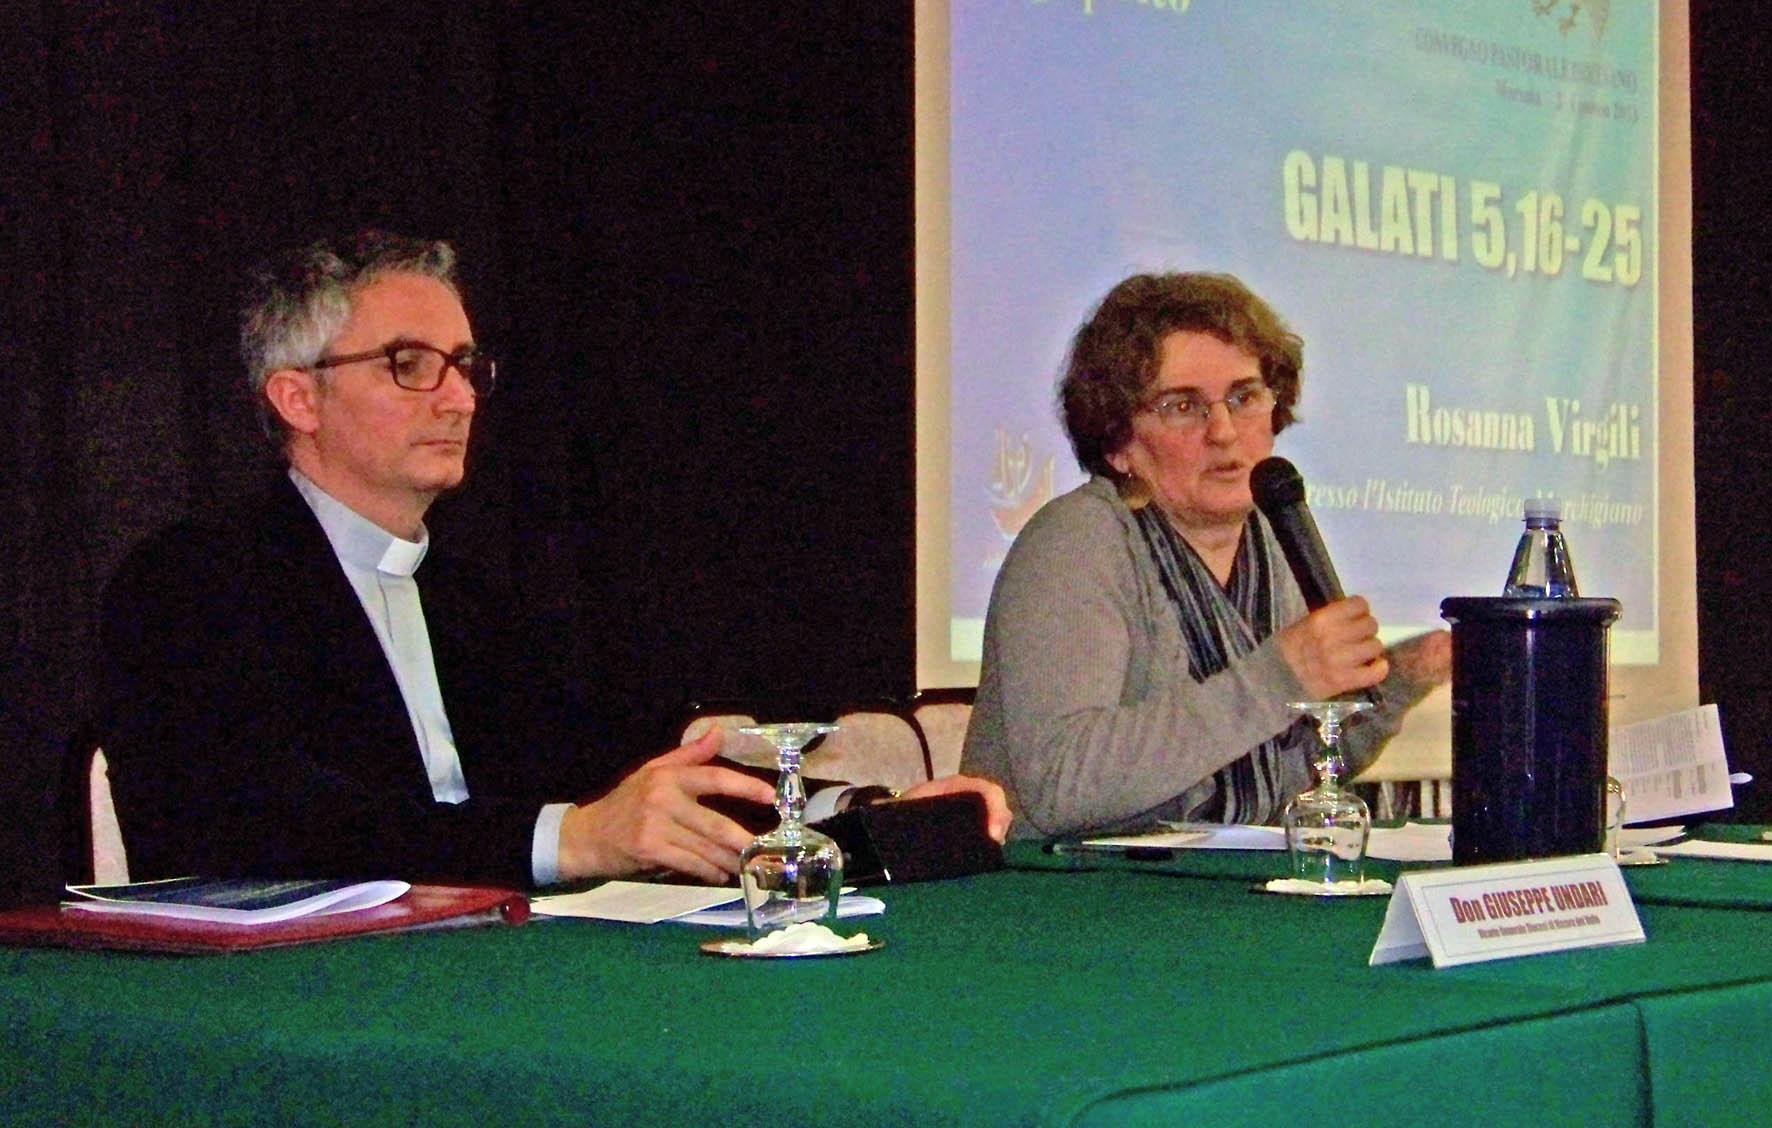 Don Giuseppe Undari e Rosanna Virgili